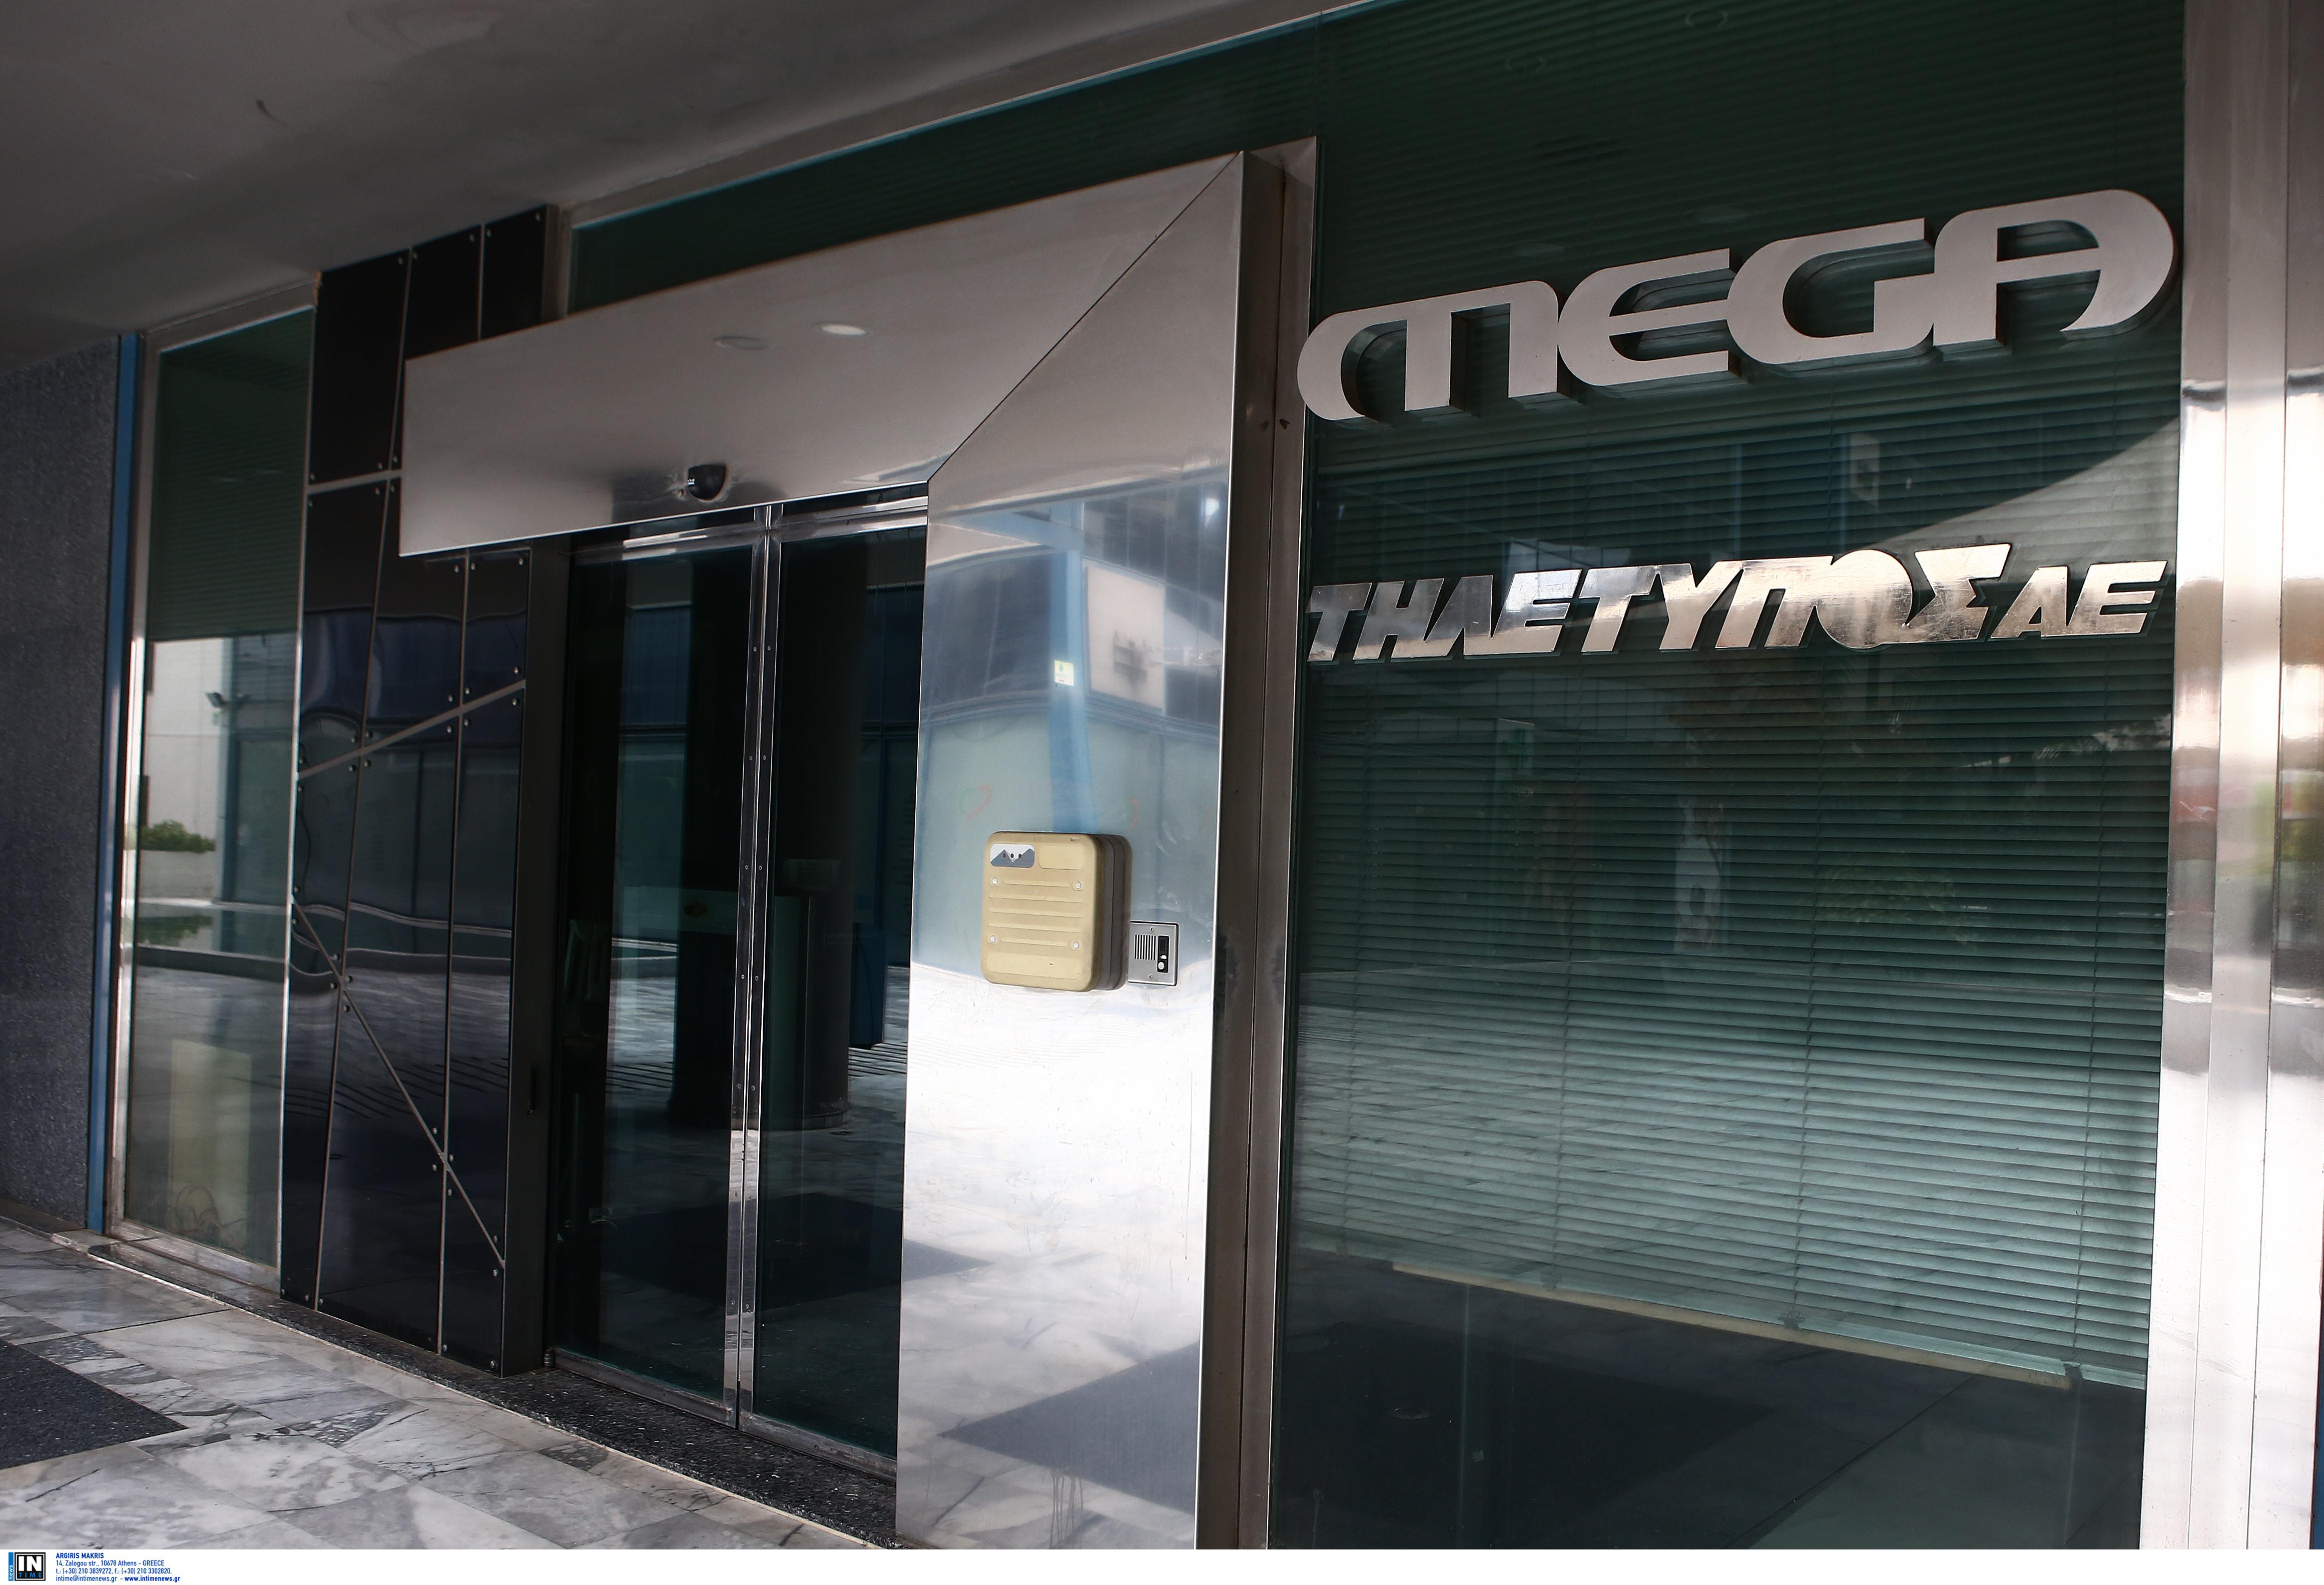 Ευοδώθηκαν οι προσπάθειες και ο αγώνας των εργαζομένων του πρώην MEGA και των Ενώσεων